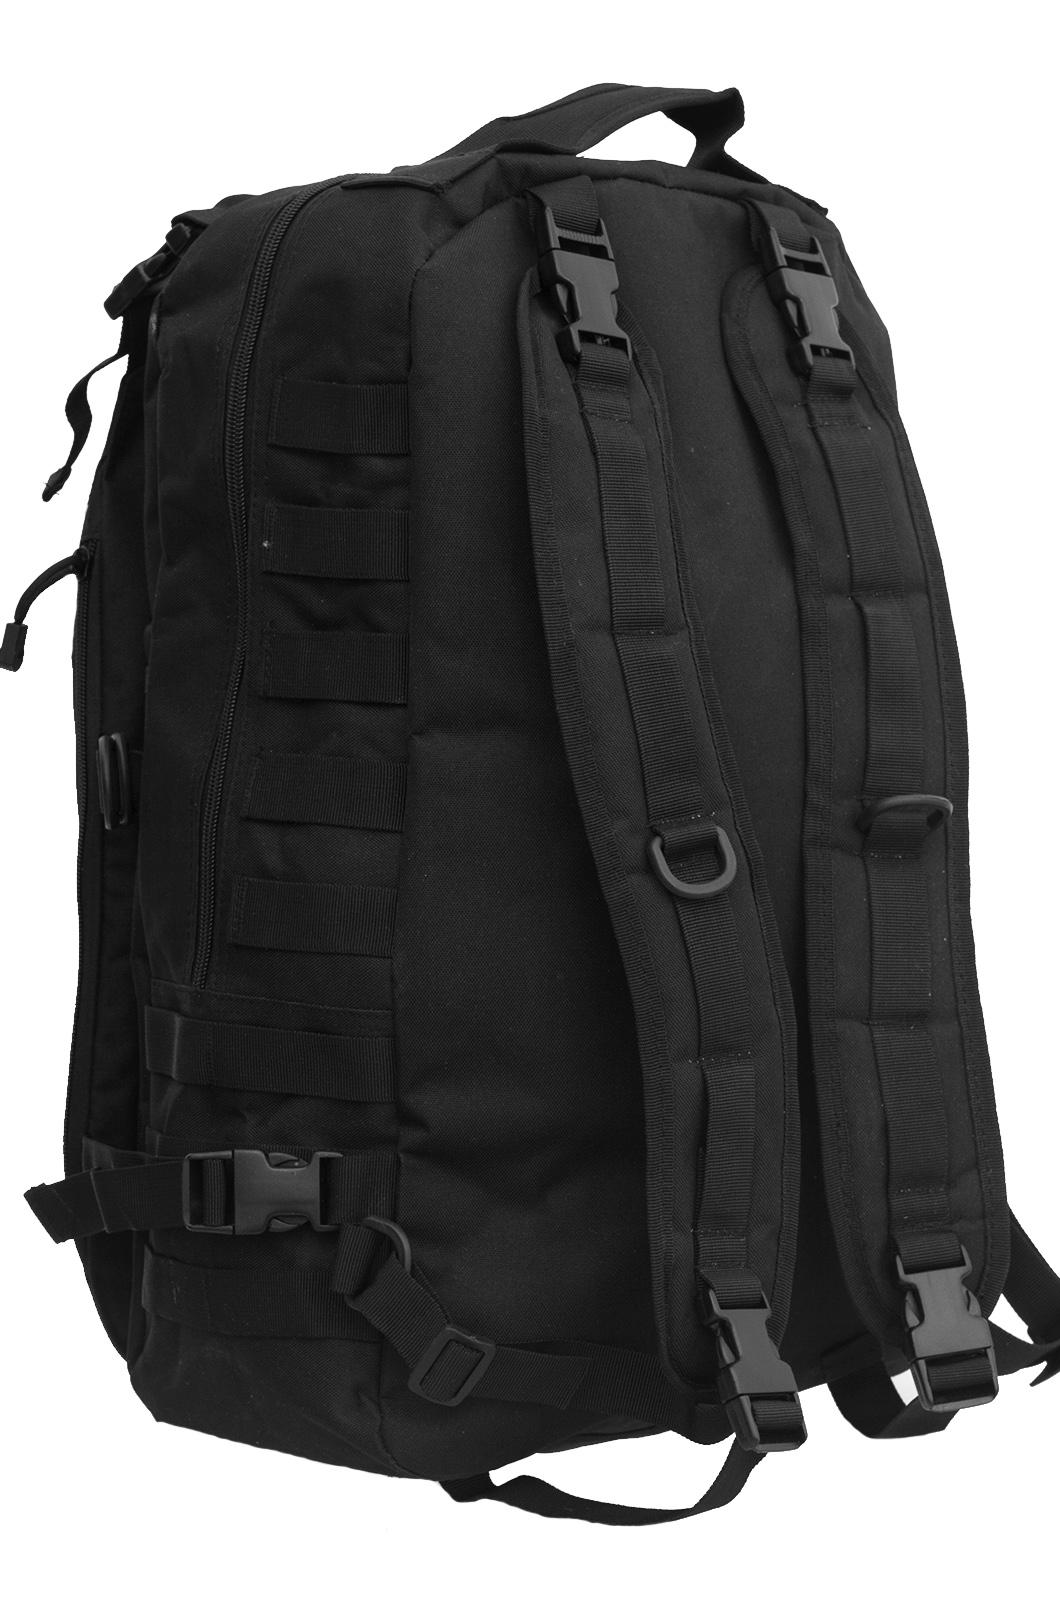 Тактический рейдовый рюкзак с нашивкой ДПС - купить по низкой цене